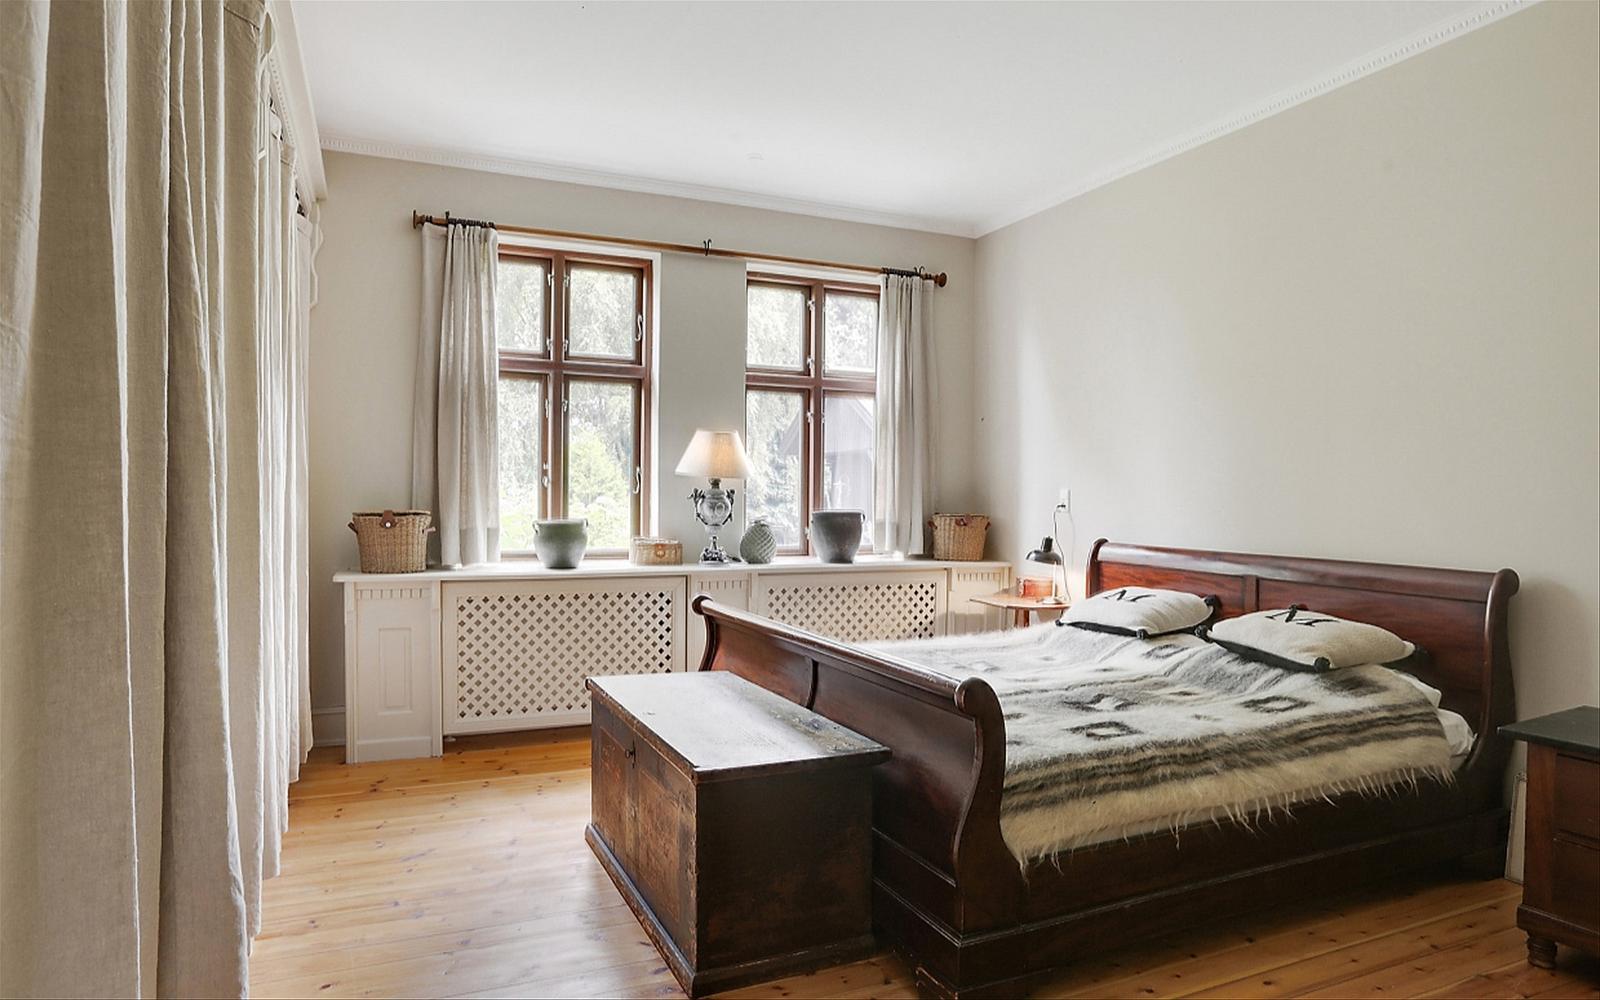 фото спальня кровать эсмеситель радиатора